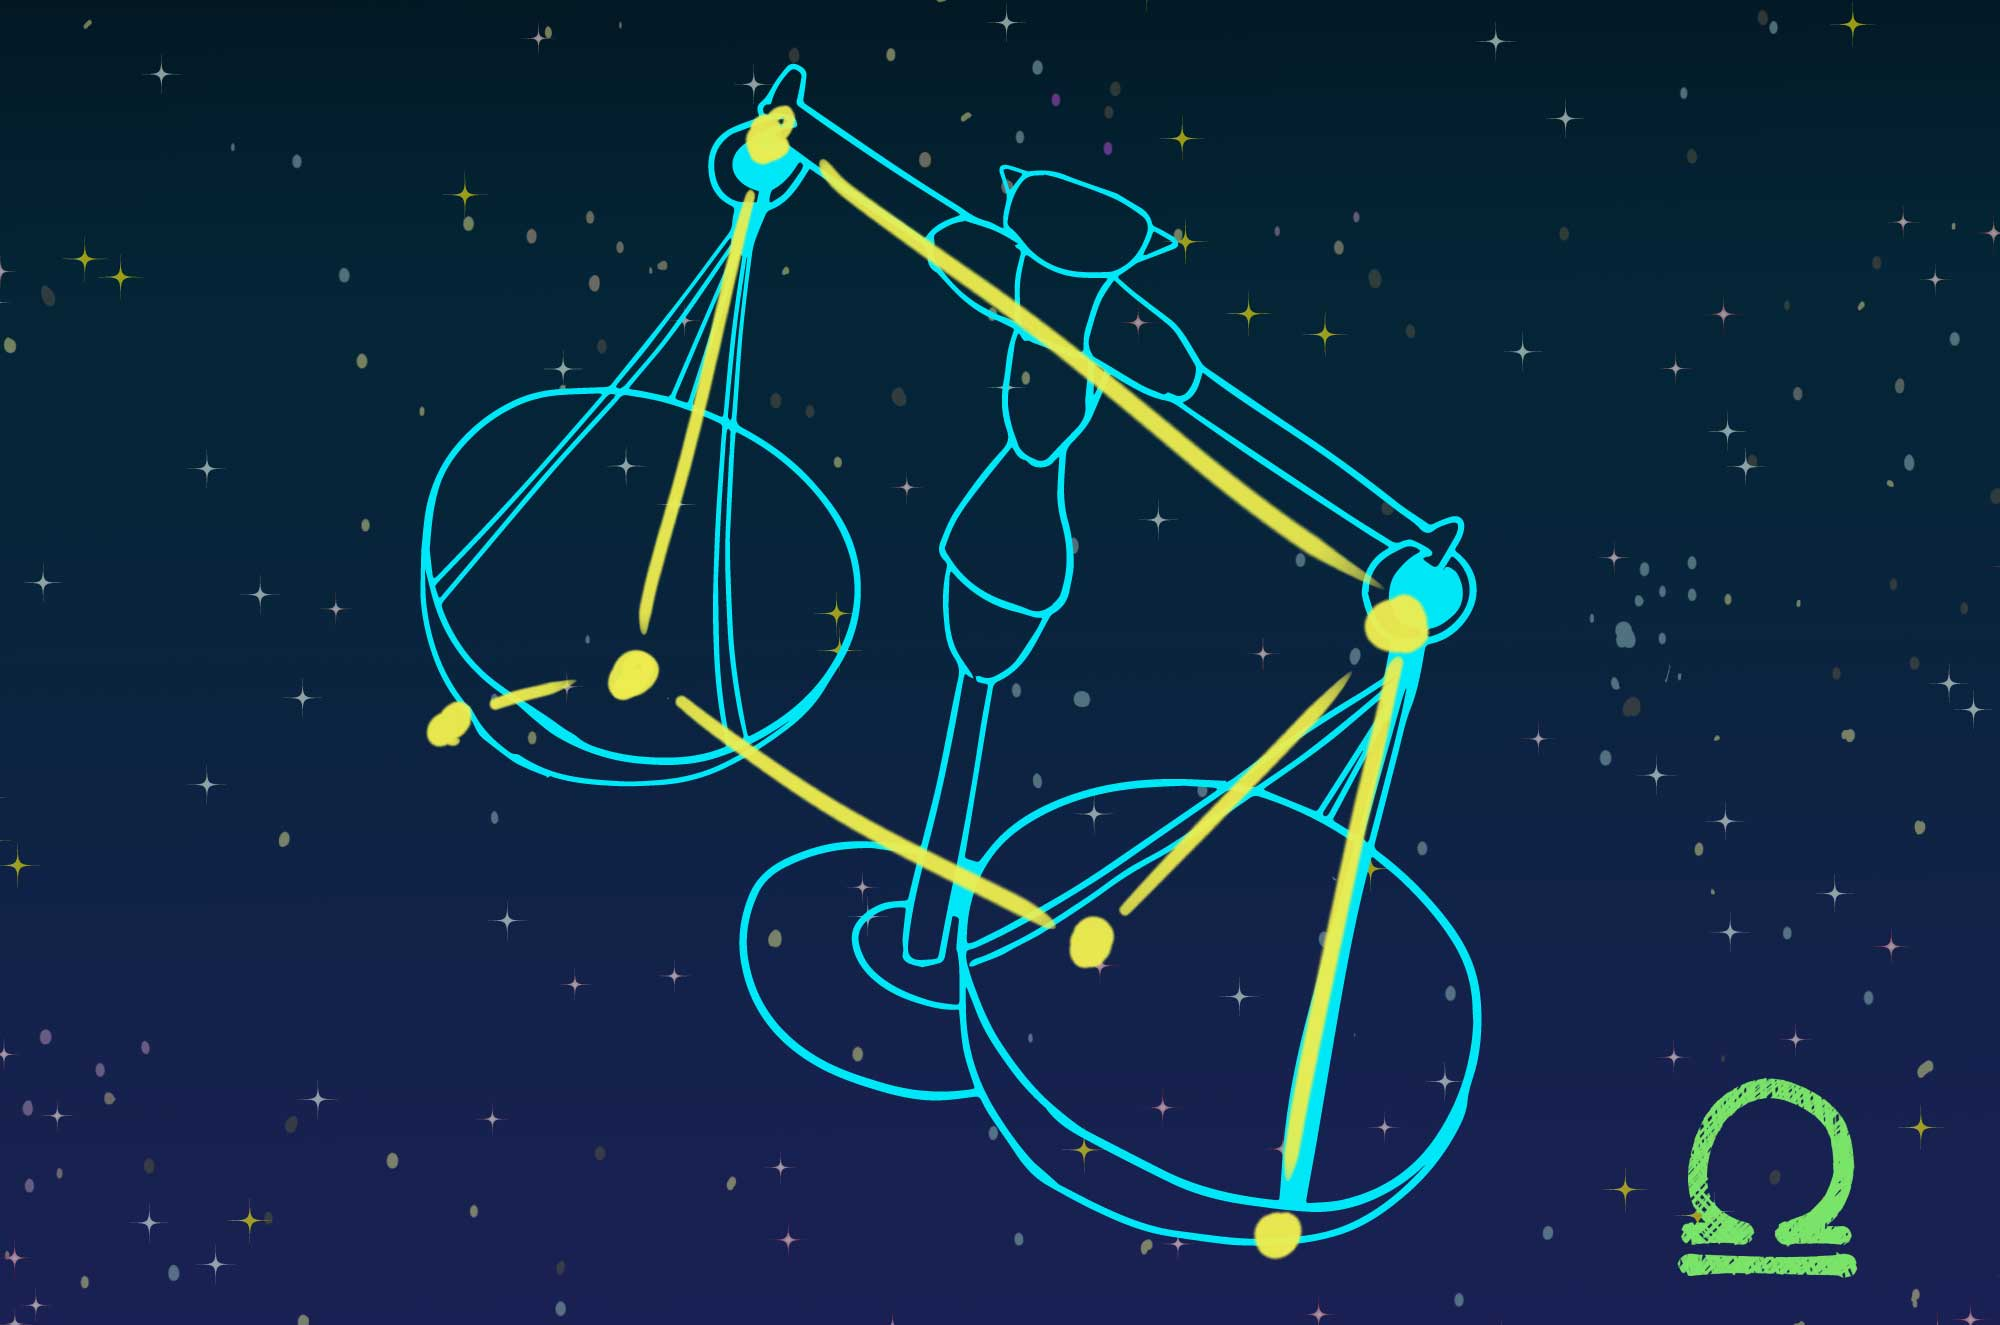 天秤座のイラスト - マーク・星座カード無料素材